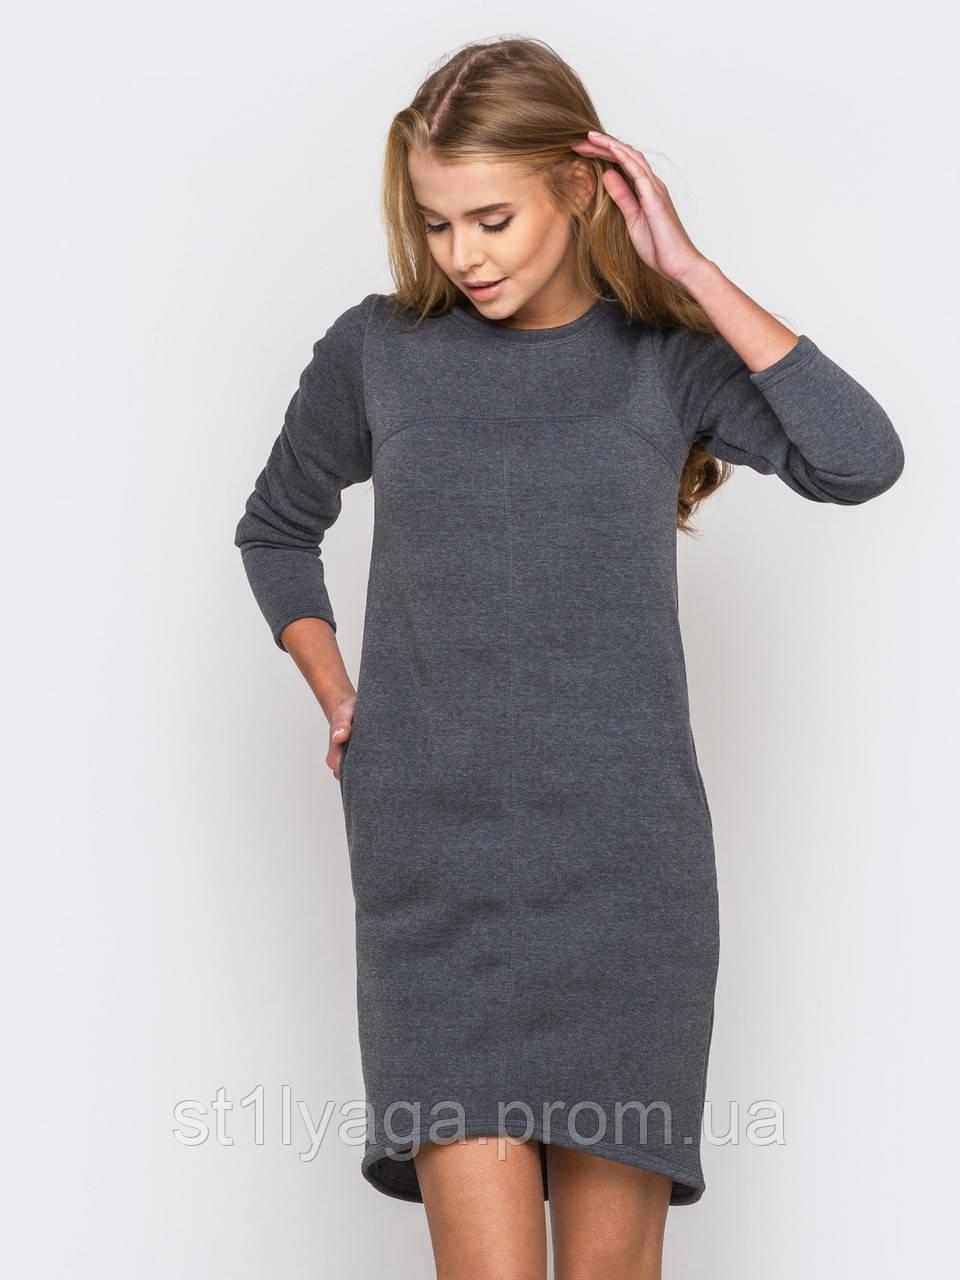 Сукня трикотажне на флісі з подовженою спинкою і бічними кишенями ОСІНЬ-ЗИМА